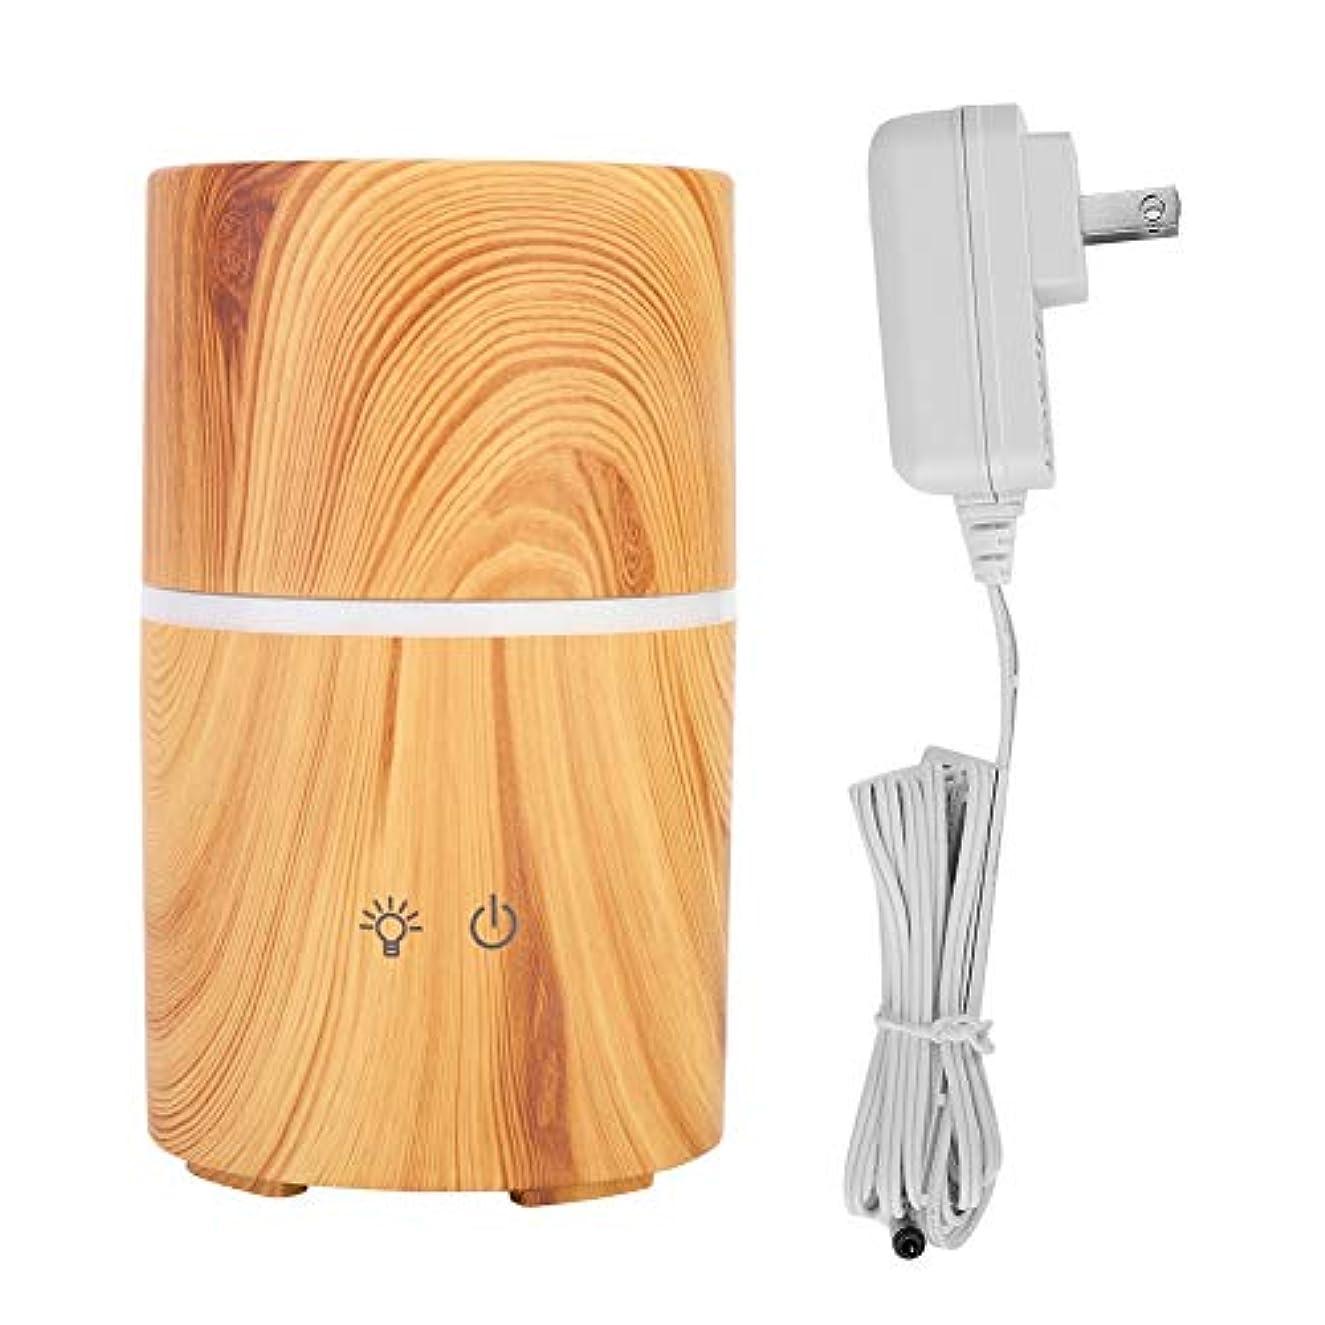 いっぱいシリーズ歩行者アロマセラピーディフューザー、多目的木目LEDインテリジェントディフューザーワイヤレススピーカー加湿器家庭用装飾(USプラグ100-240V)